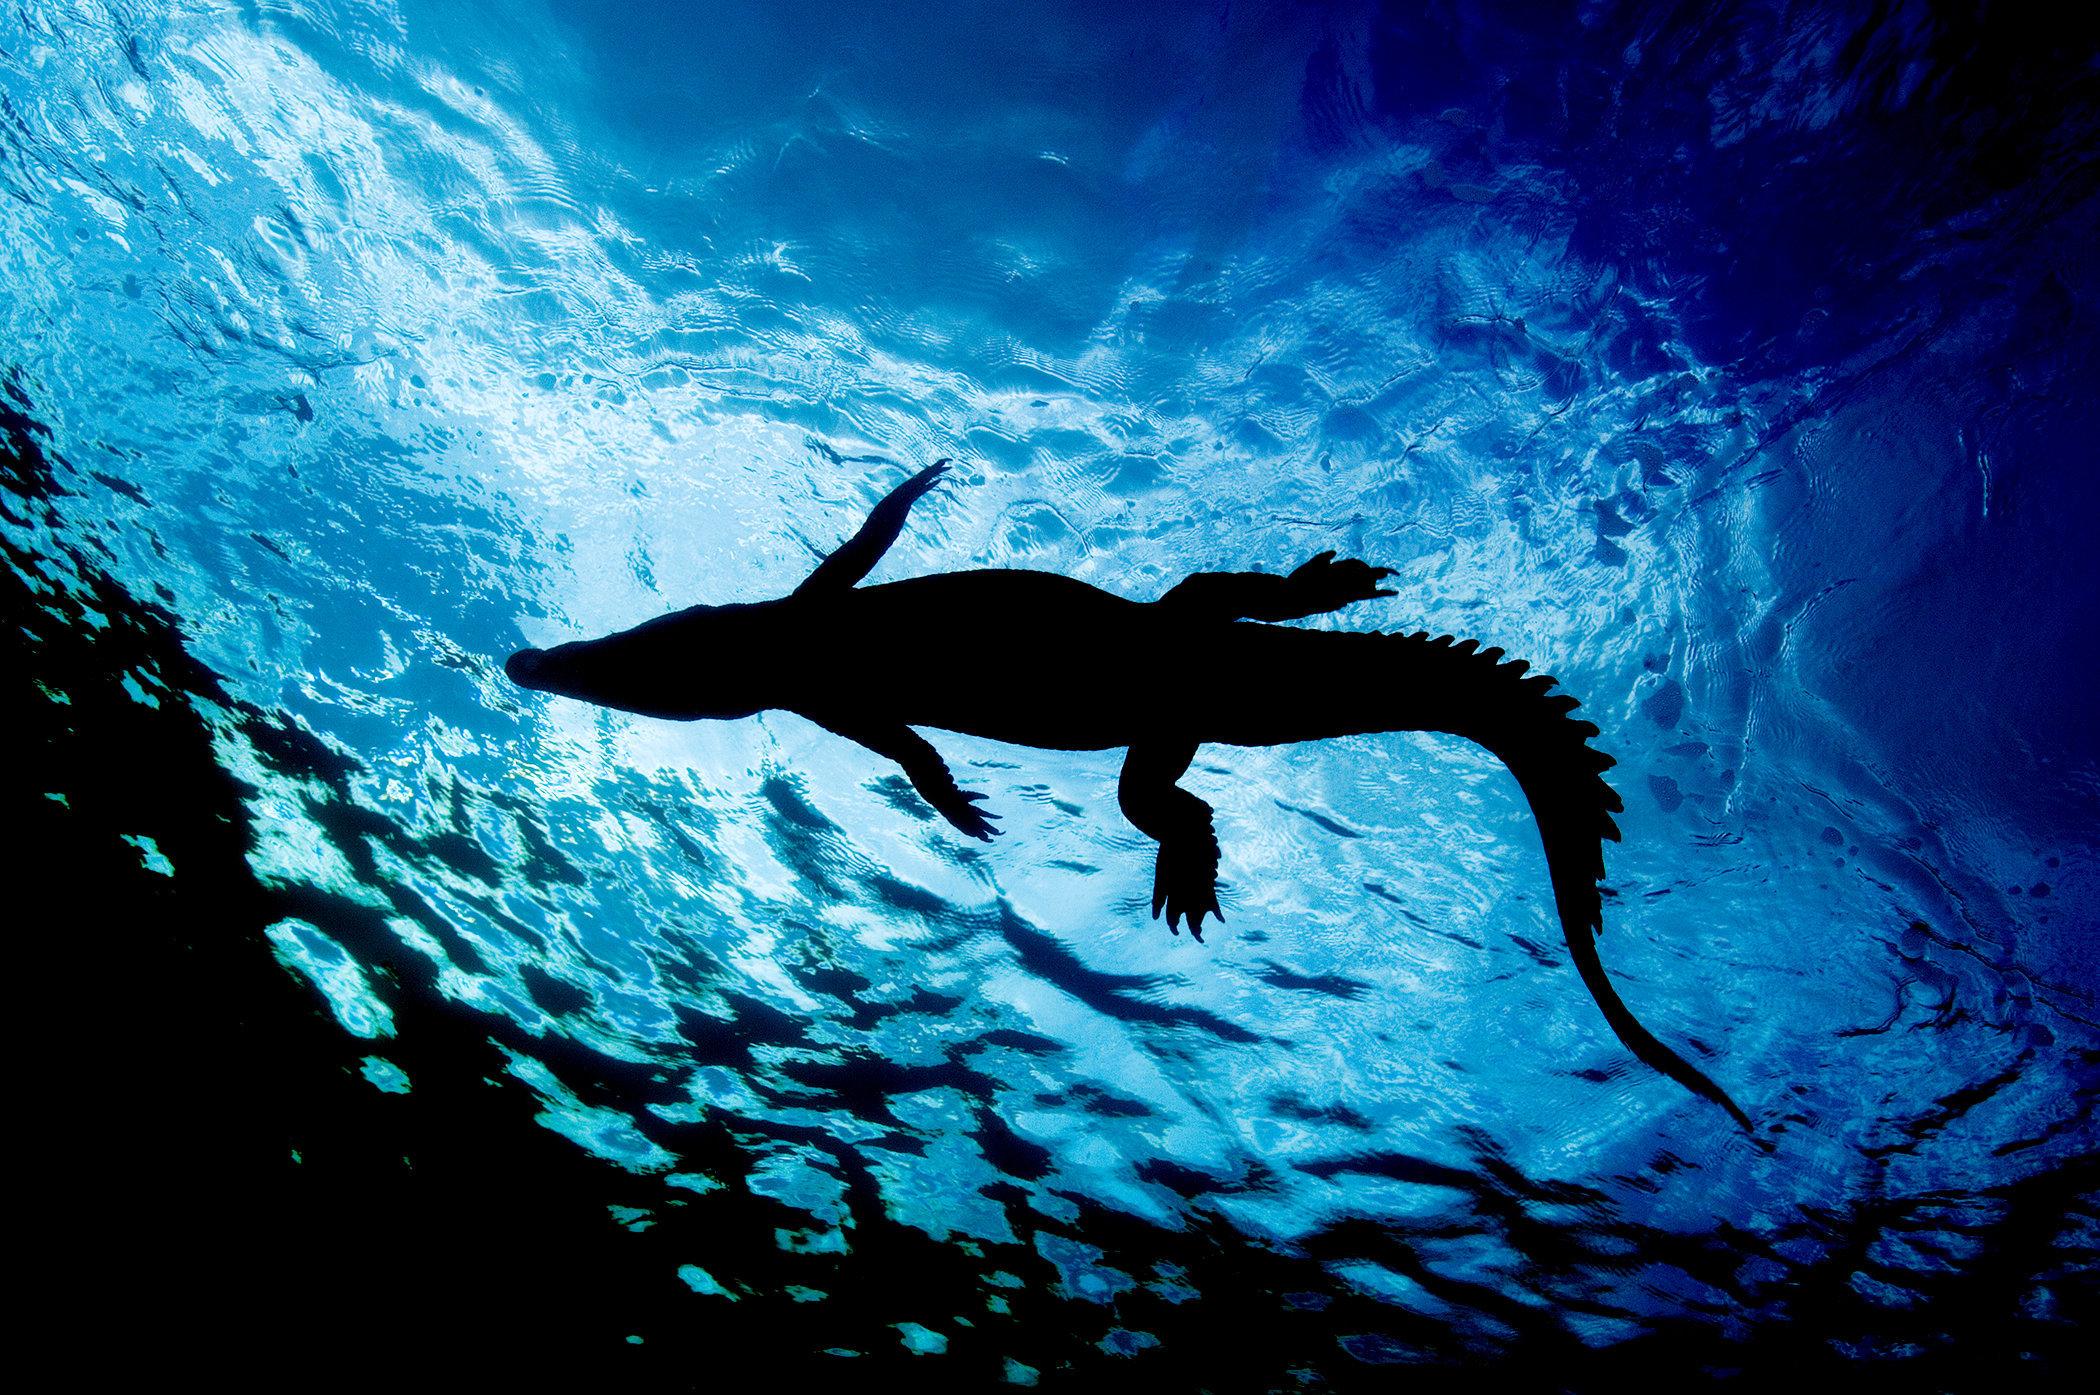 Giordano_Cipriani_Fear_Wildlife.jpg